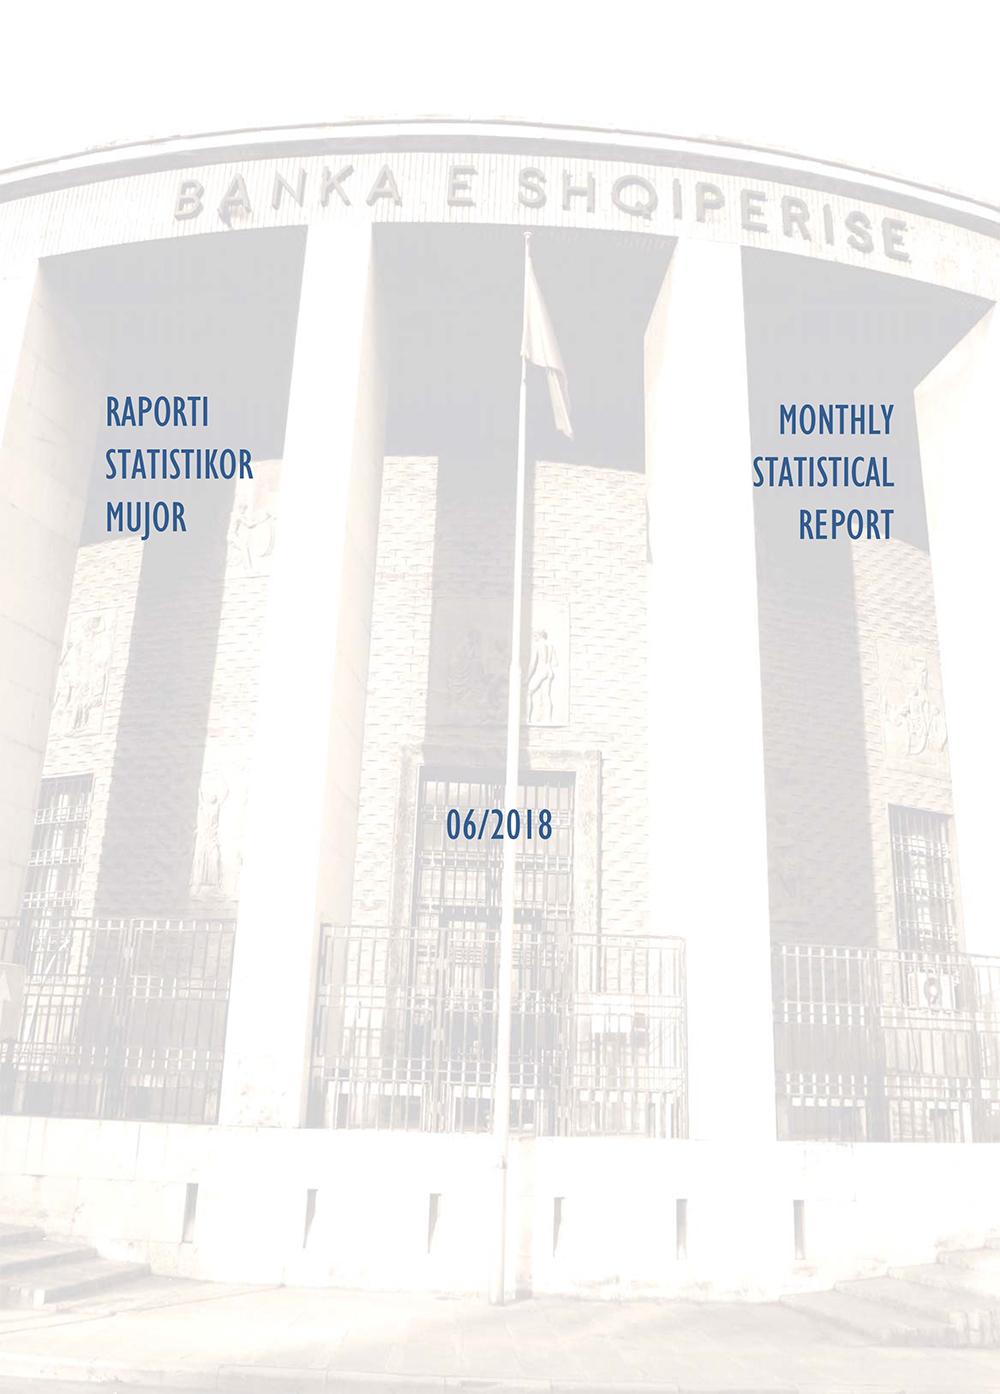 Raporti Statistikor - qershor '18